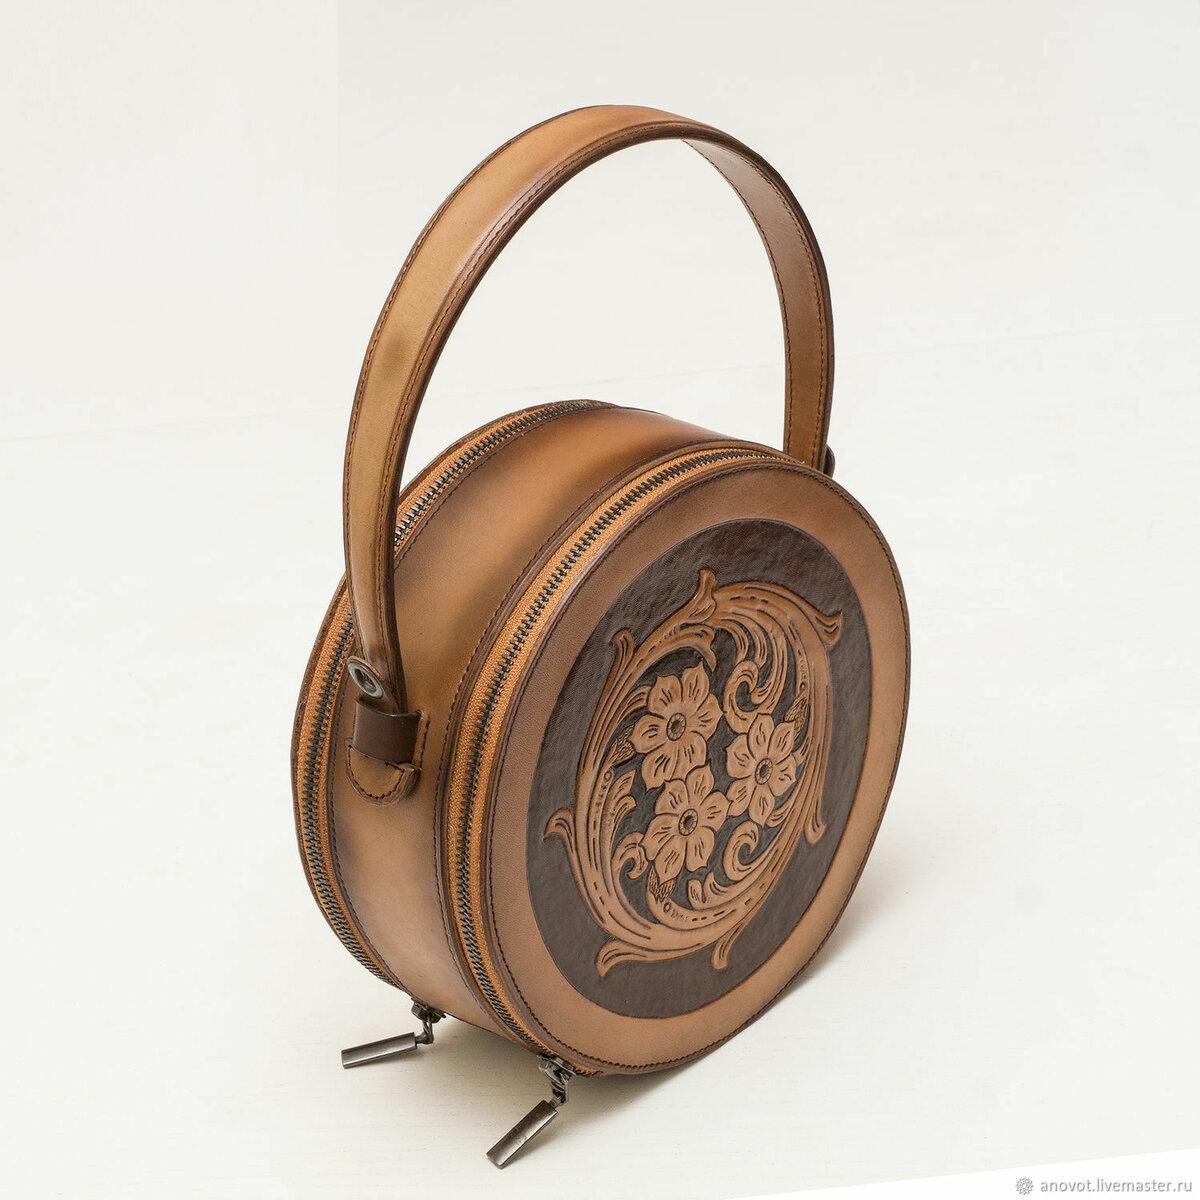 ce80ad373e2b ... Маленькая круглая сумка - купить или заказать в интернет-магазине на  Ярмарке Мастеров | Маленькая